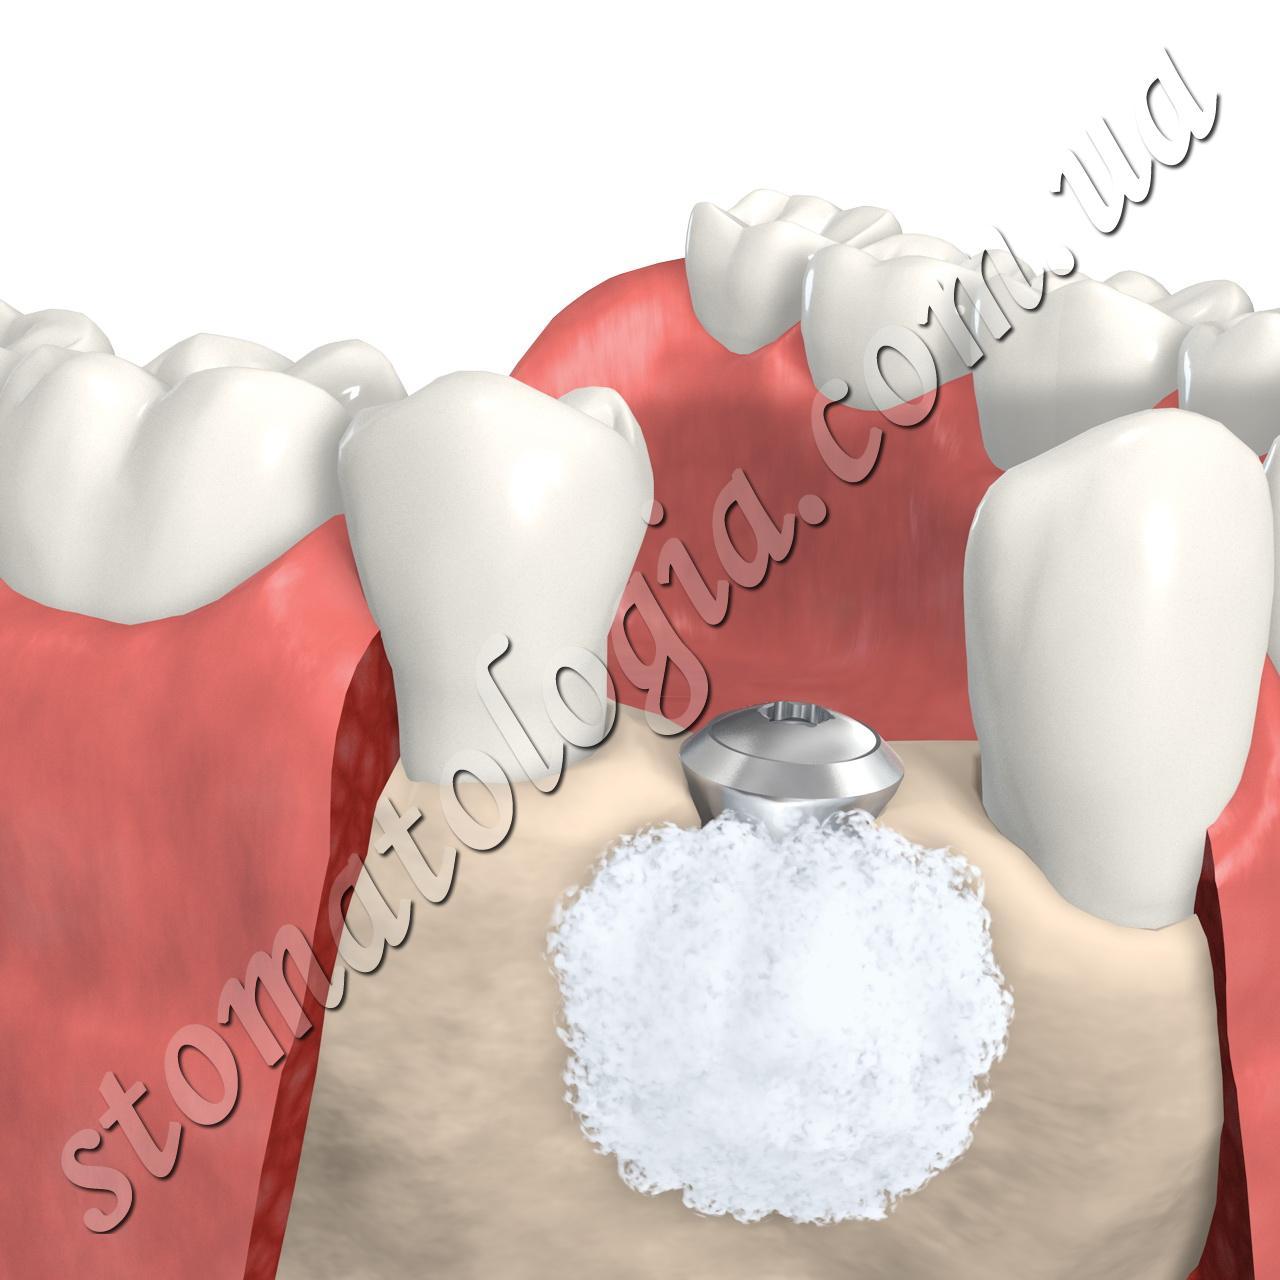 Наращивание кости при базальной имплантации зубов.